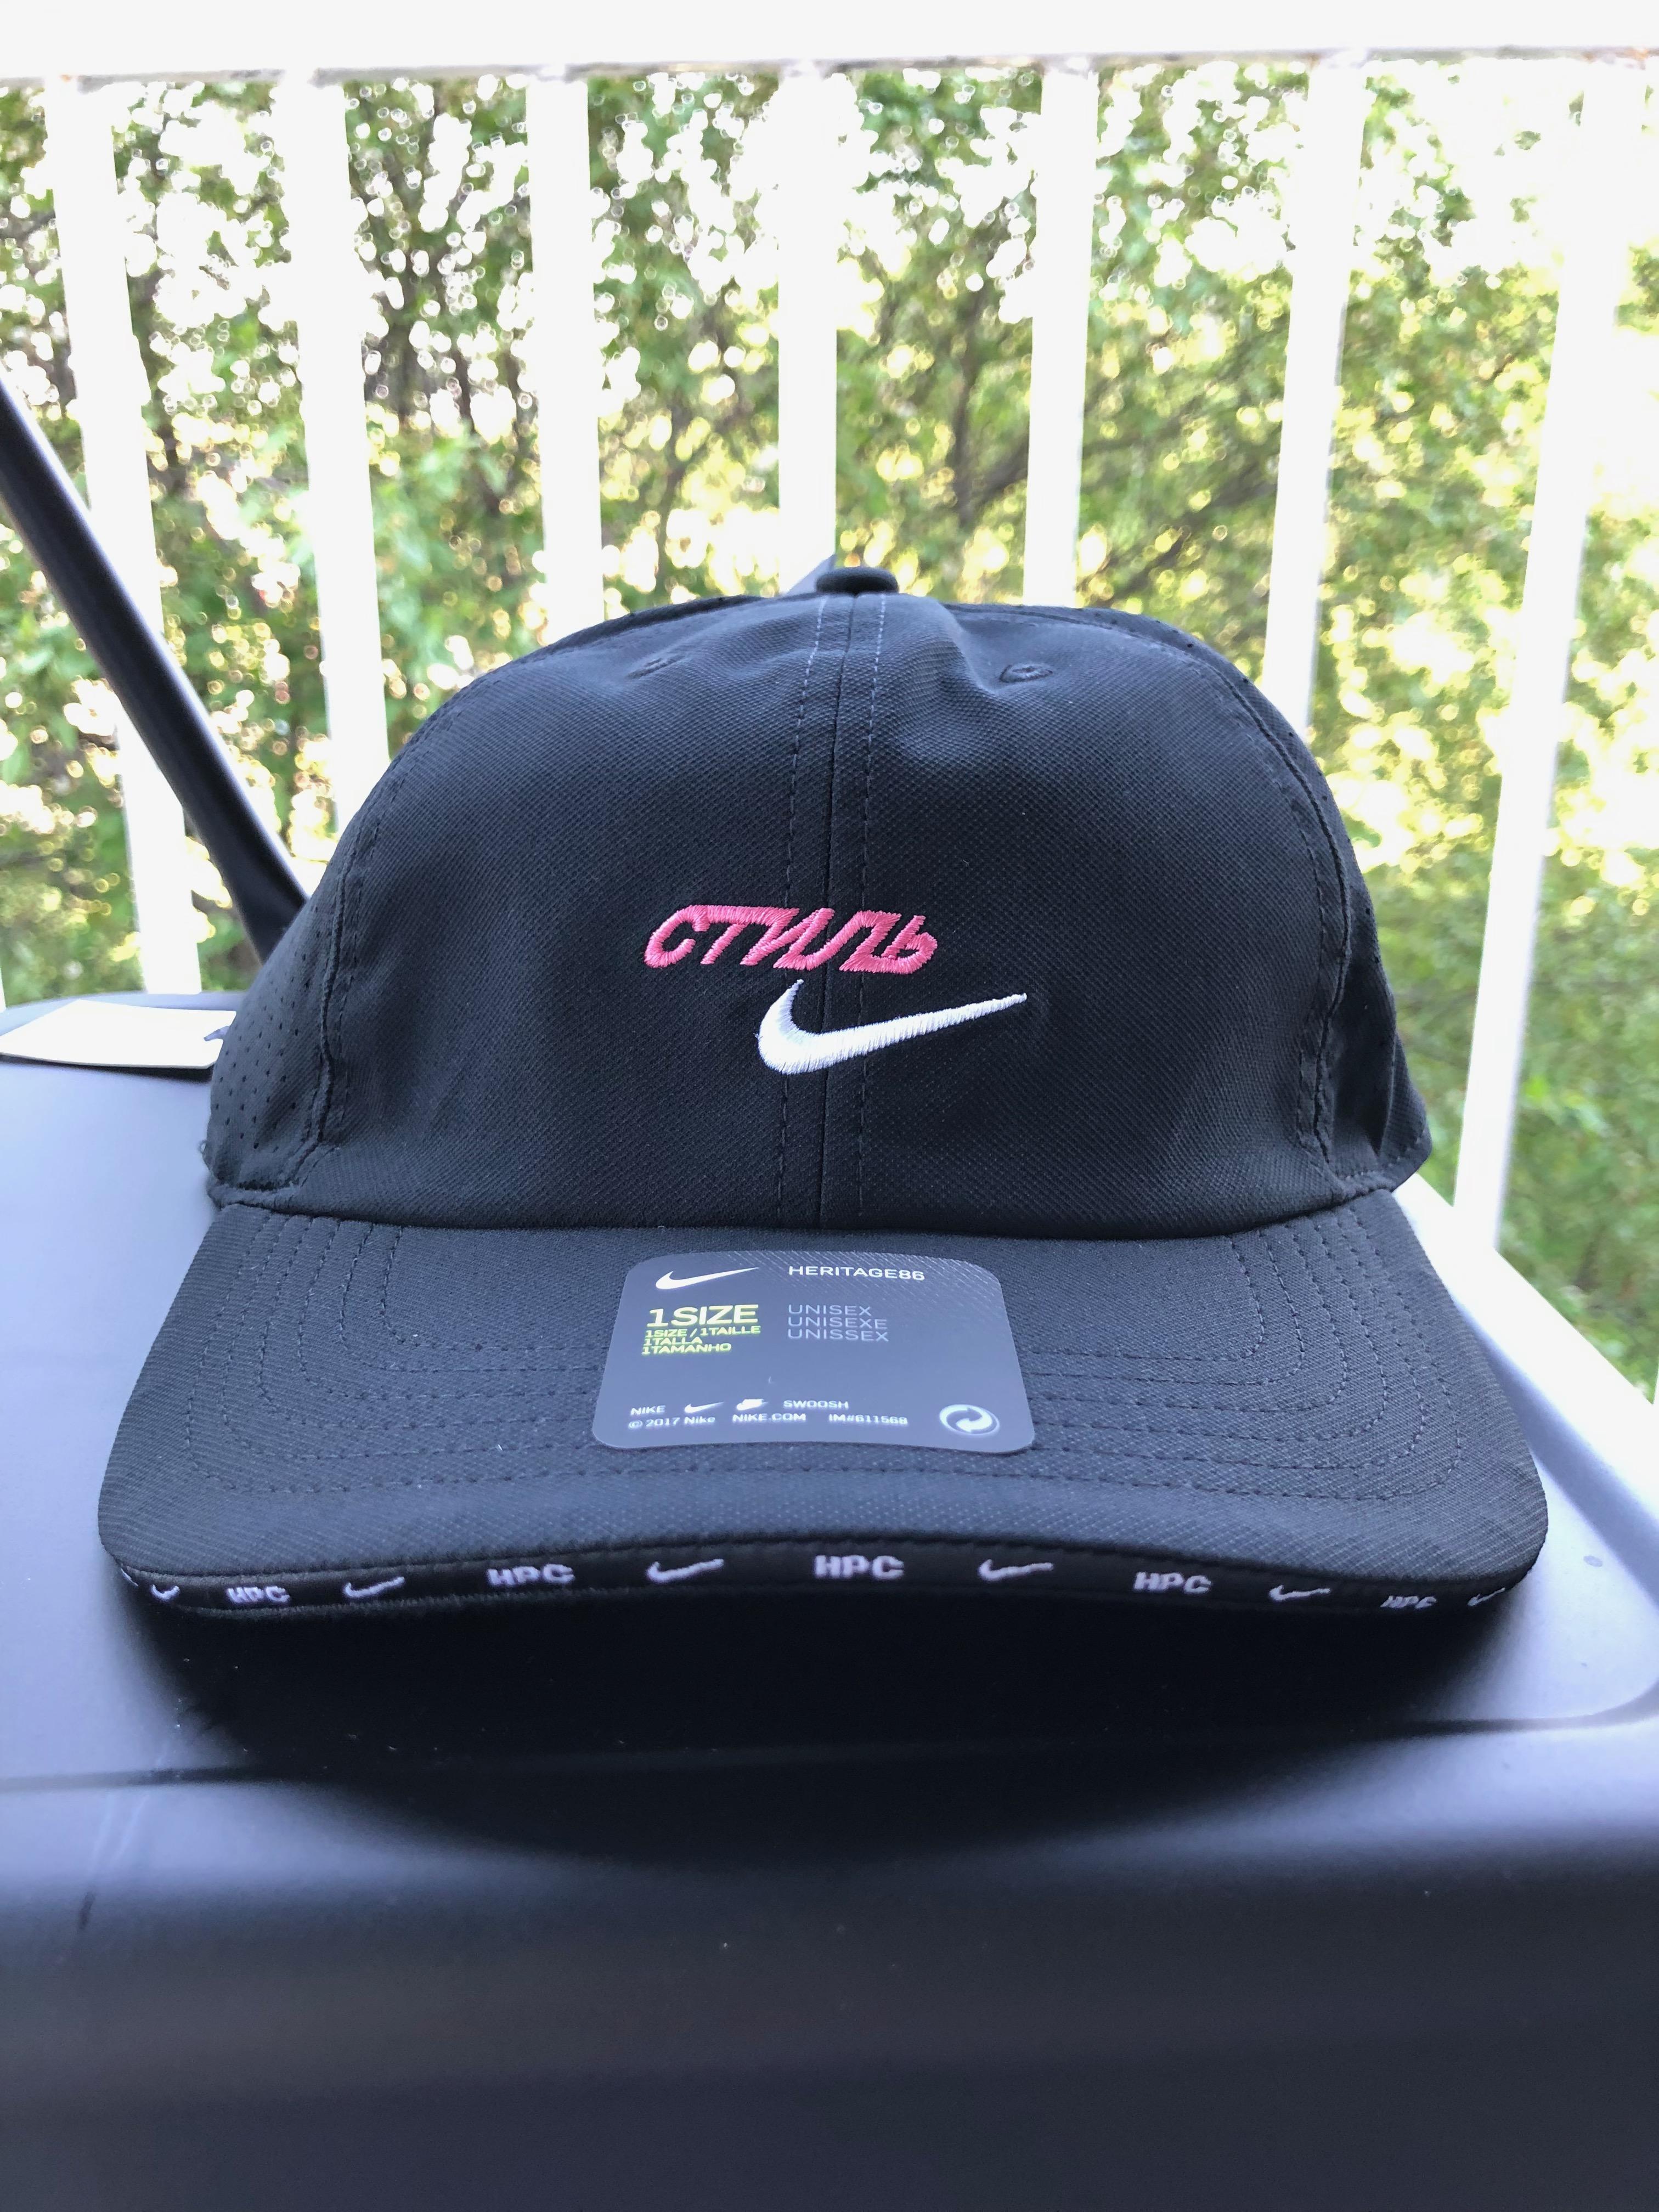 Aflojar galope láser  Nike Nike Heron Preston Nrg H86 Hat | Grailed